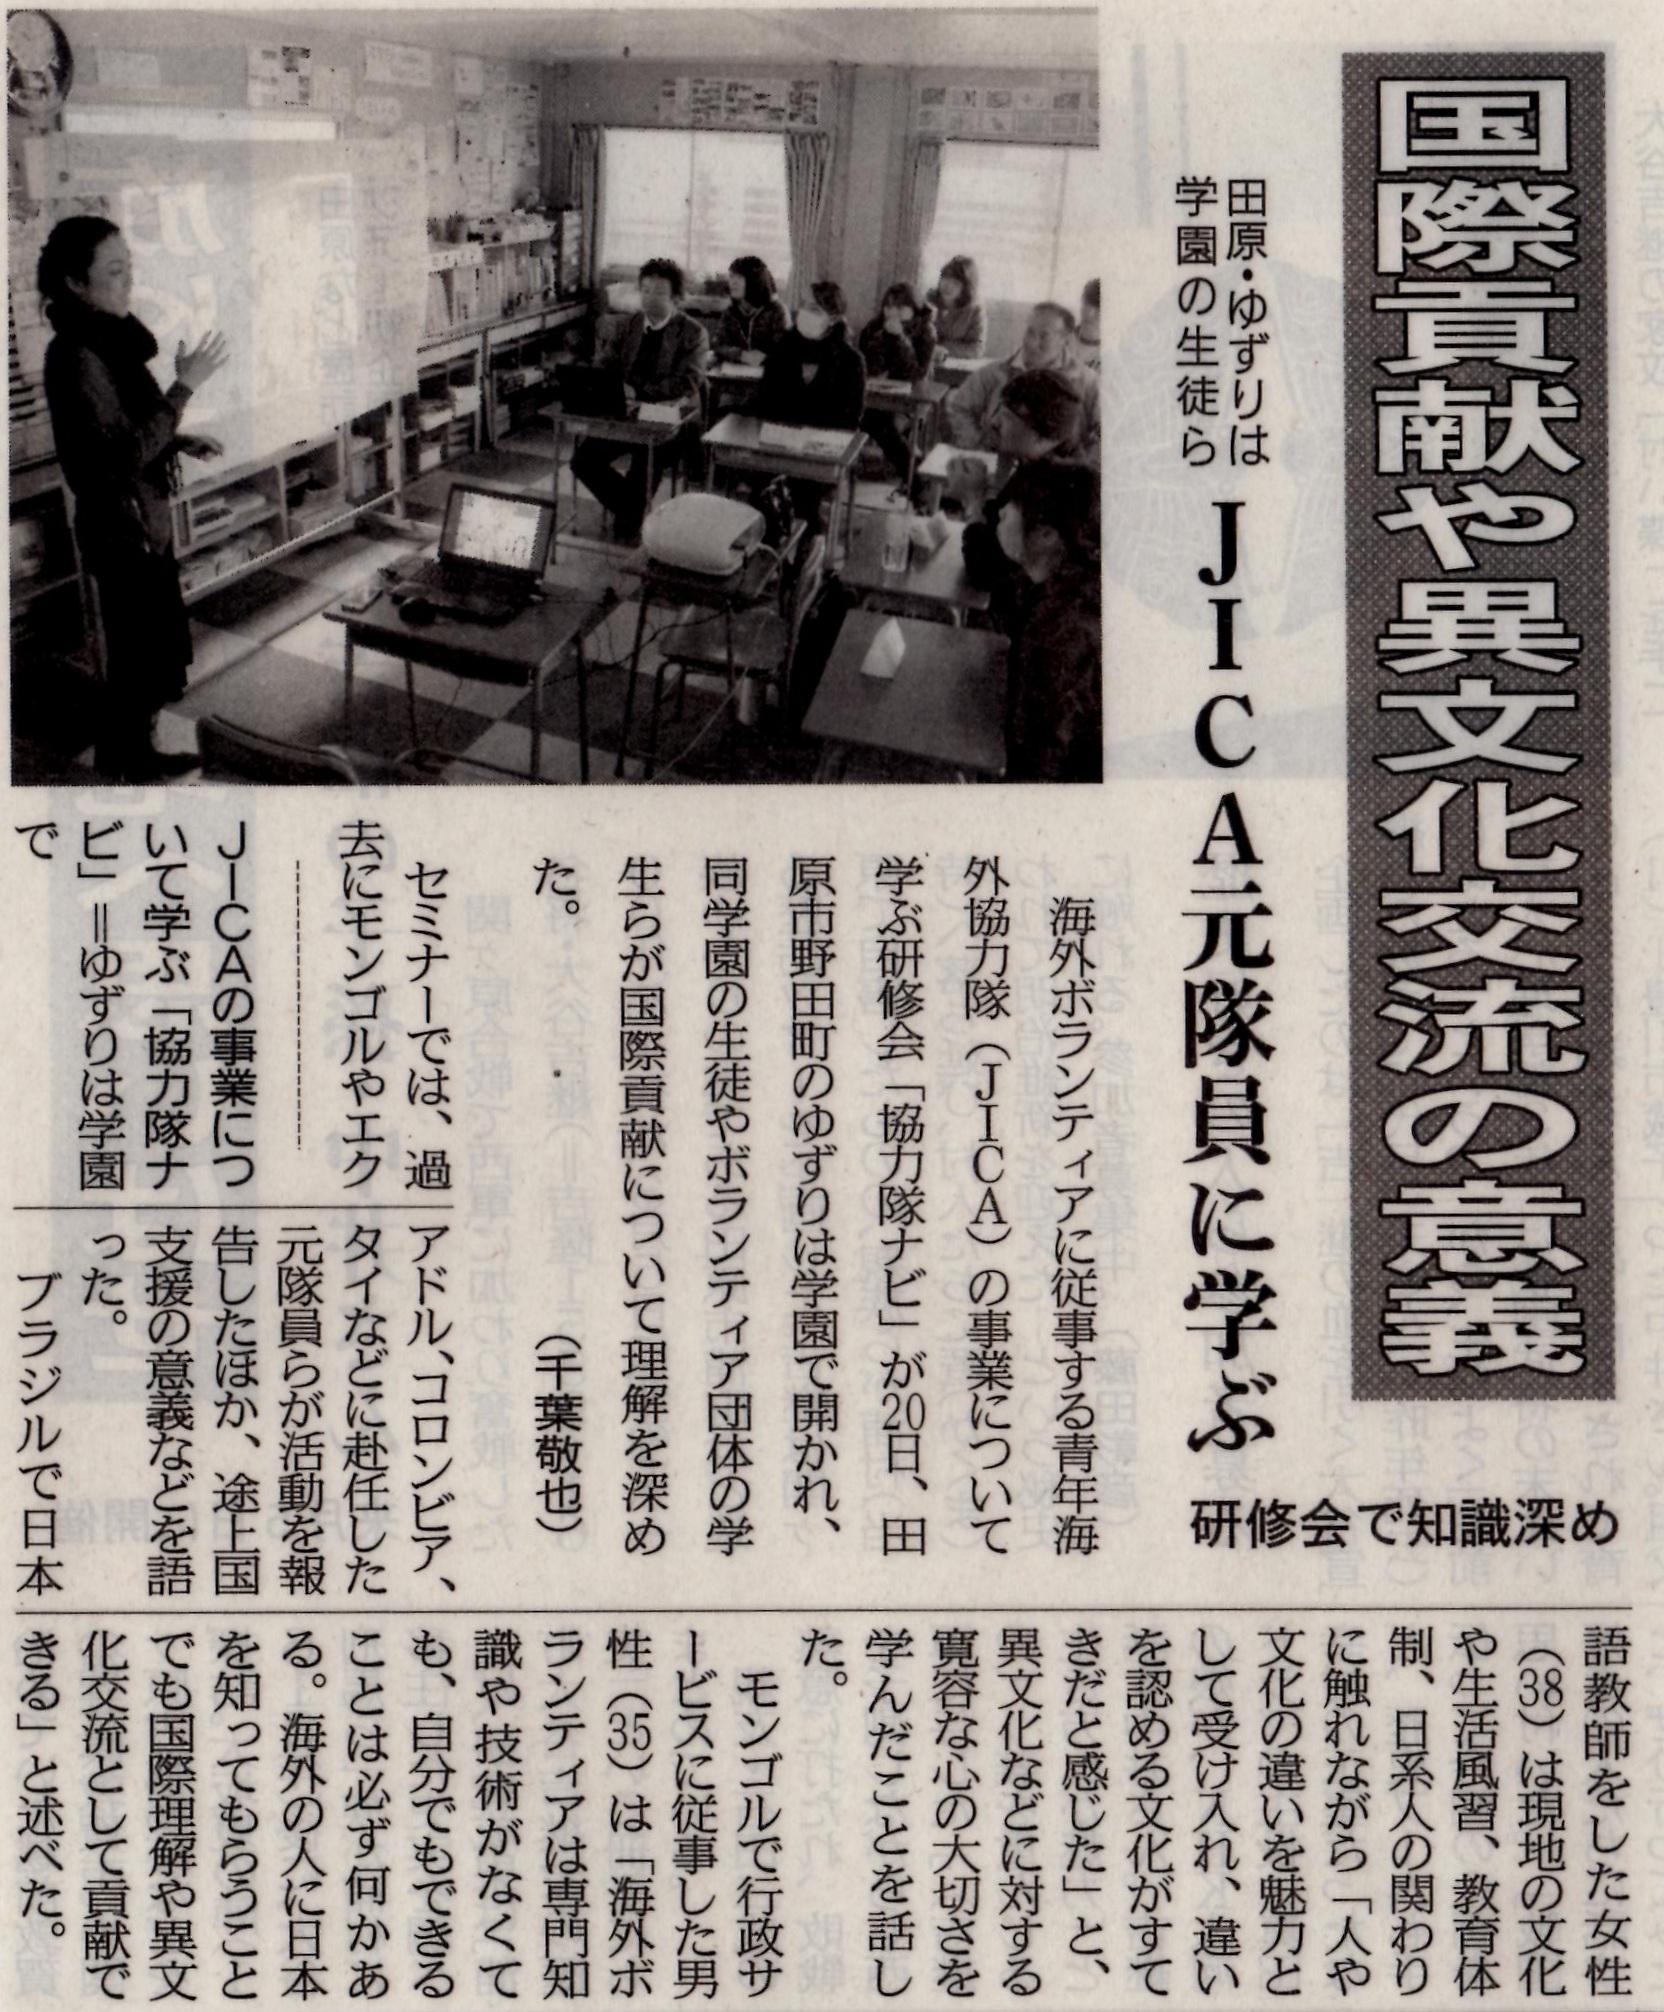 2016年  2月21日   東愛知新聞掲載「国際貢献や異文化交流の意義」